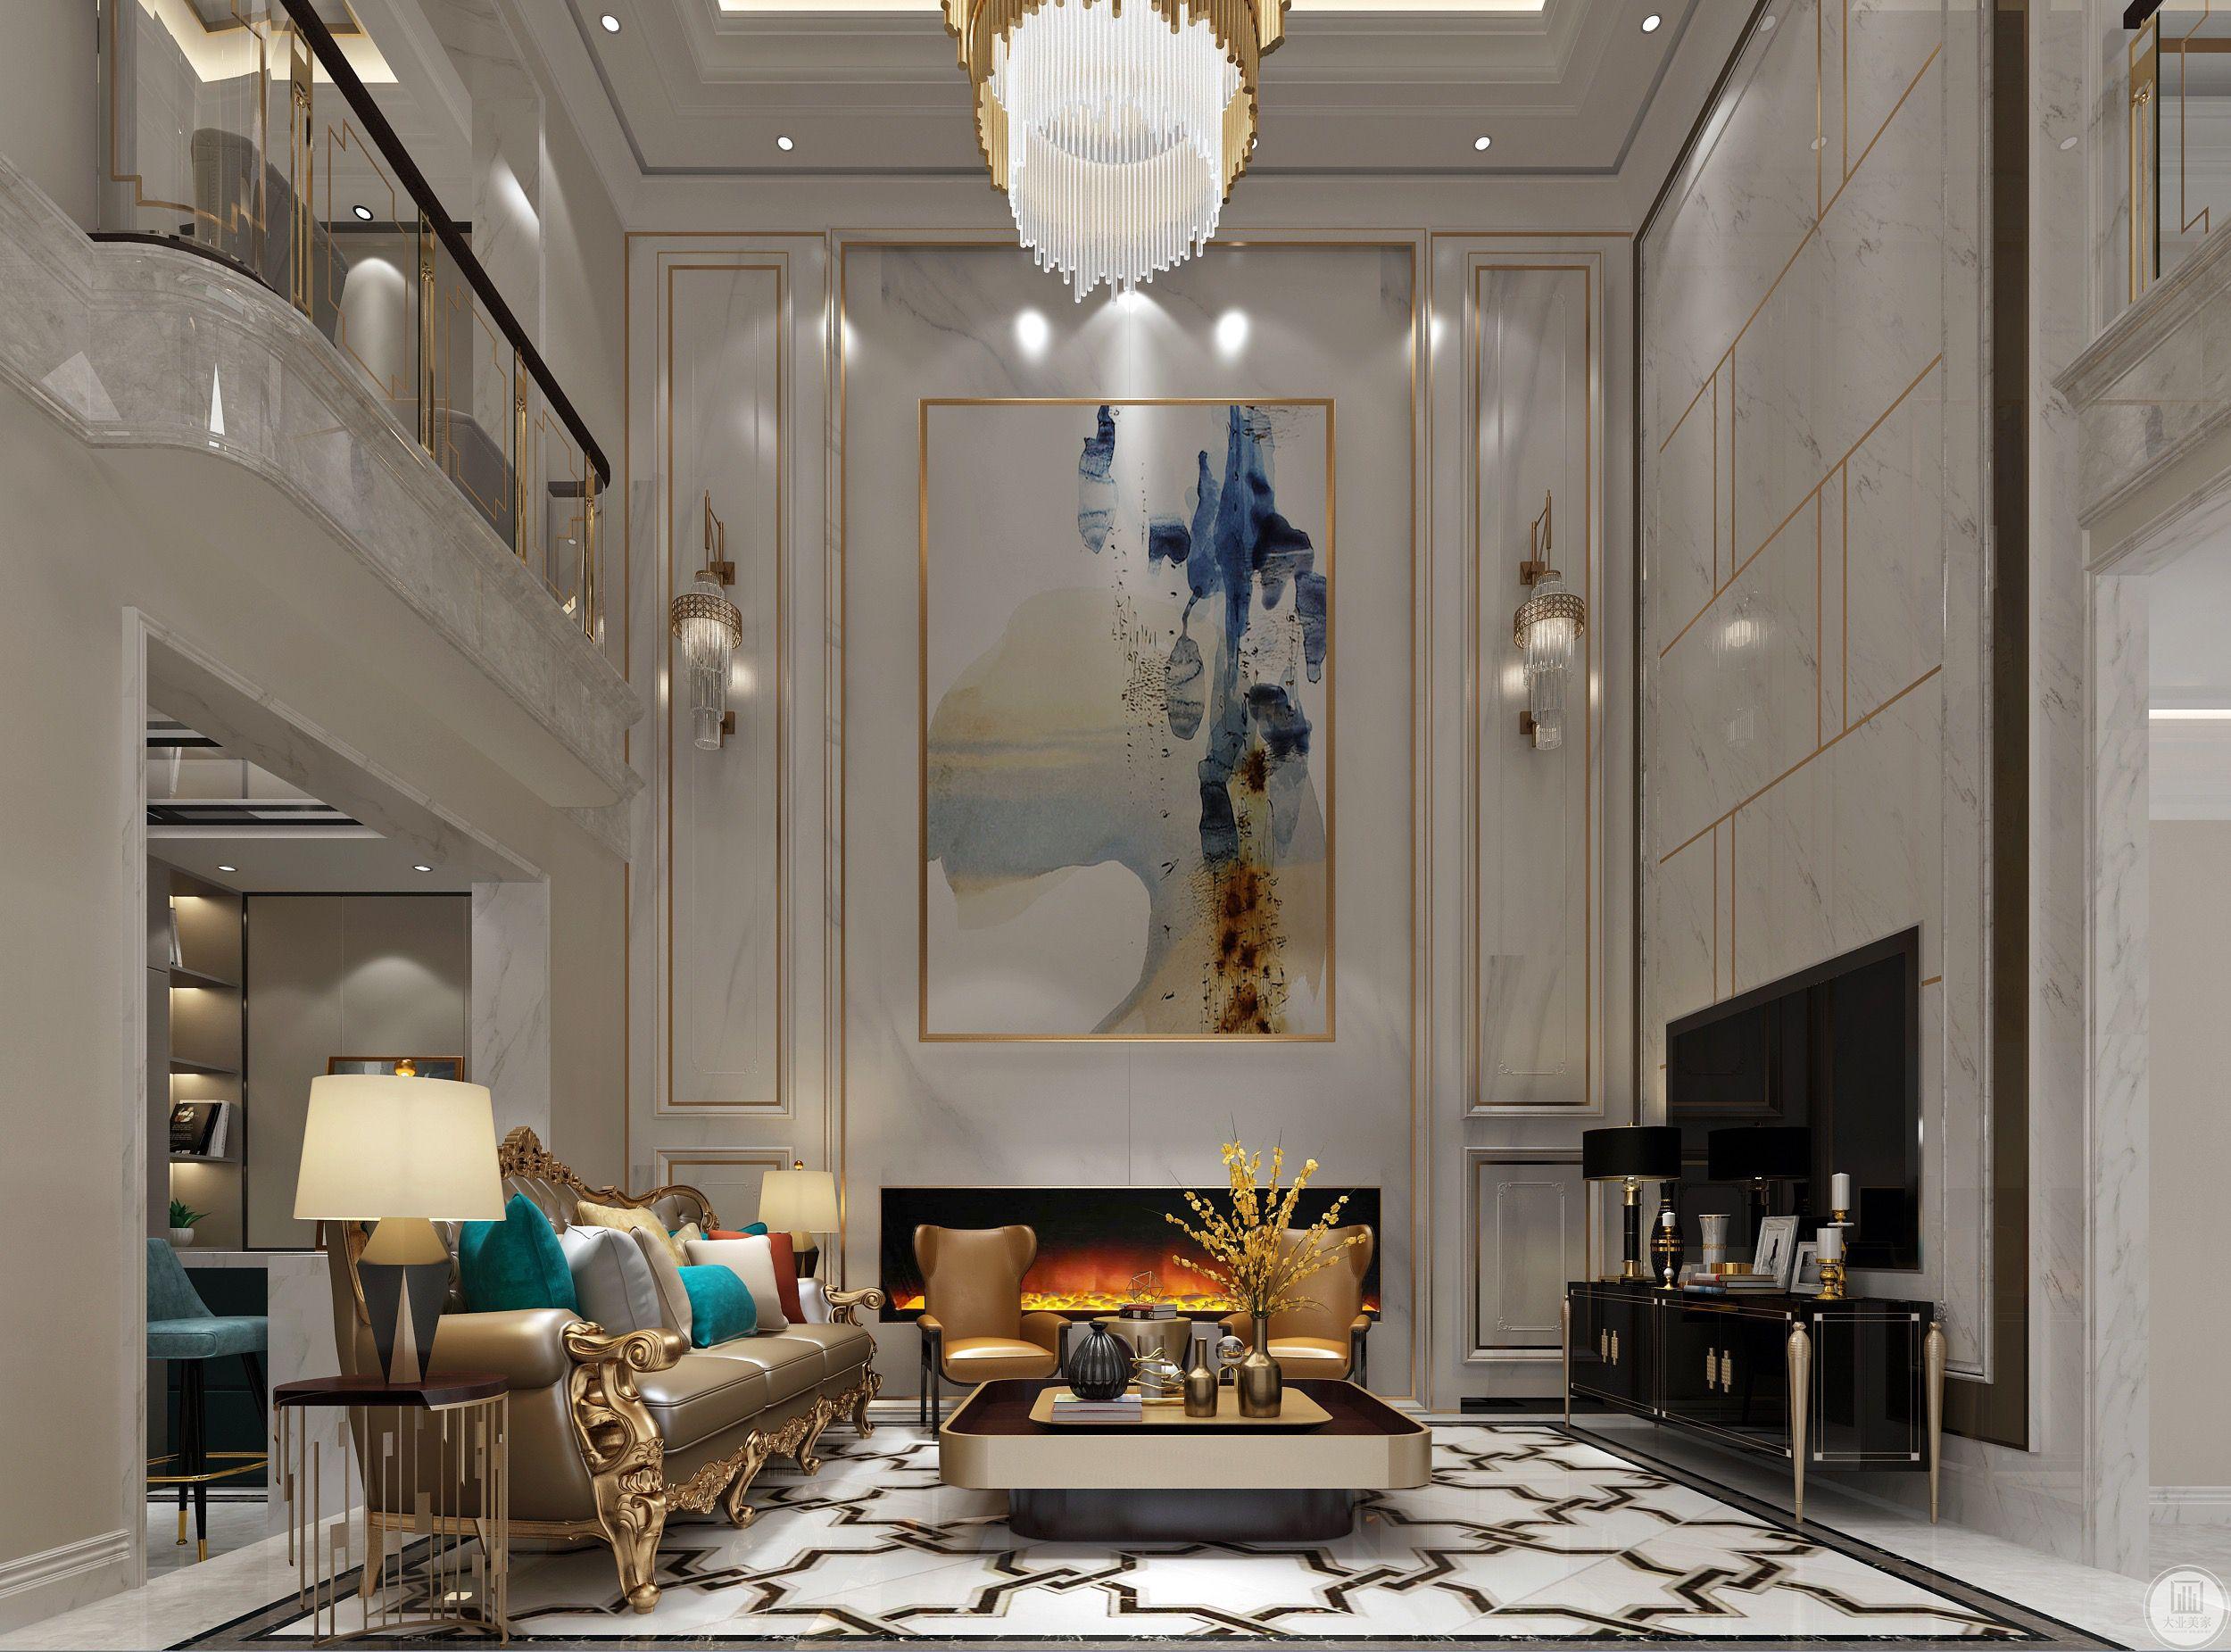 客厅的外观好比人的外表衣着,整洁雅致,而内里的品质臻尚而精致。